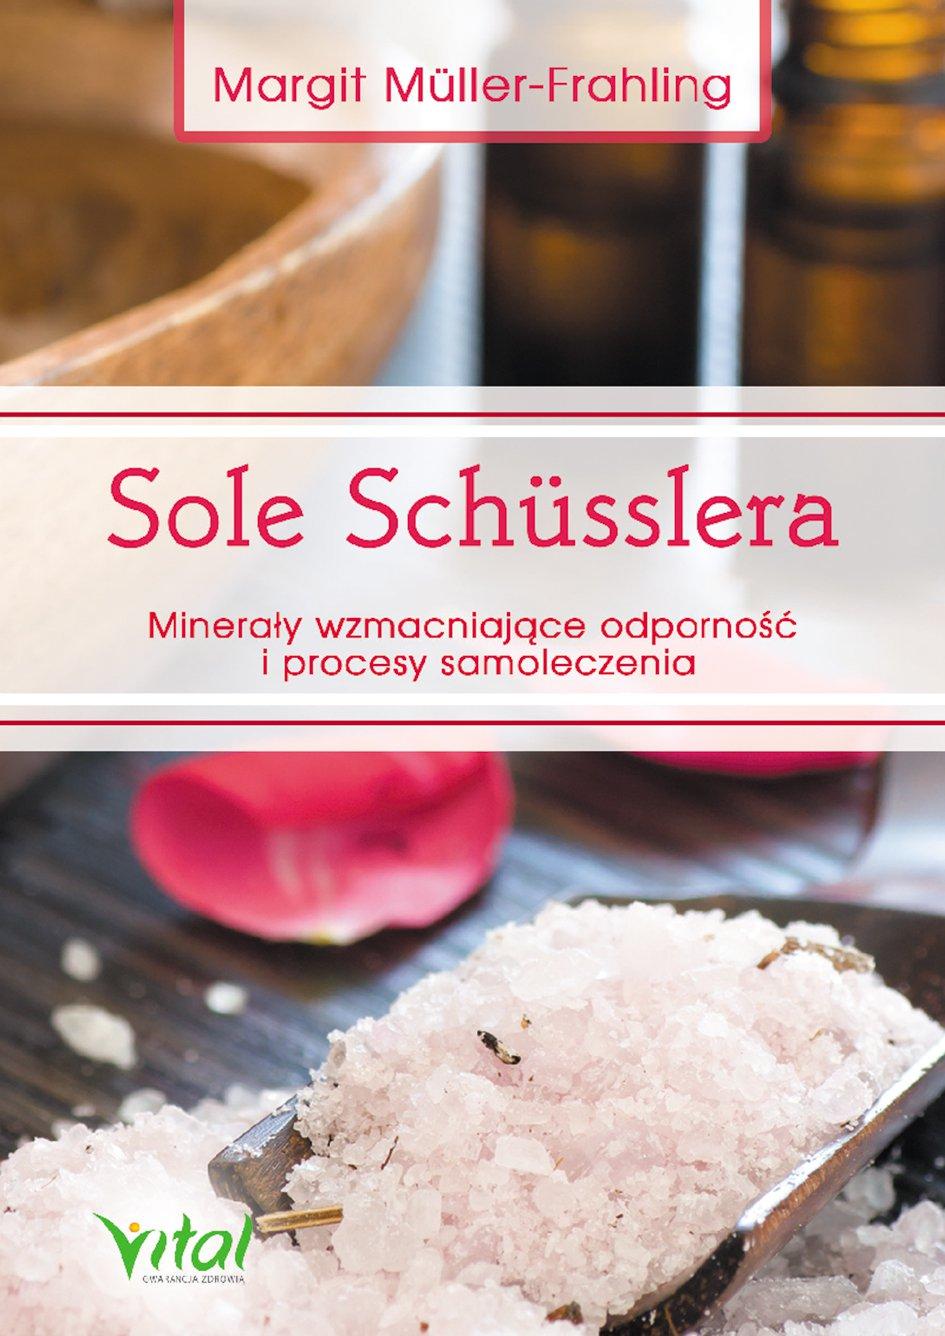 Sole Schusslera. Minerały wzmacniające odporność - Ebook (Książka na Kindle) do pobrania w formacie MOBI